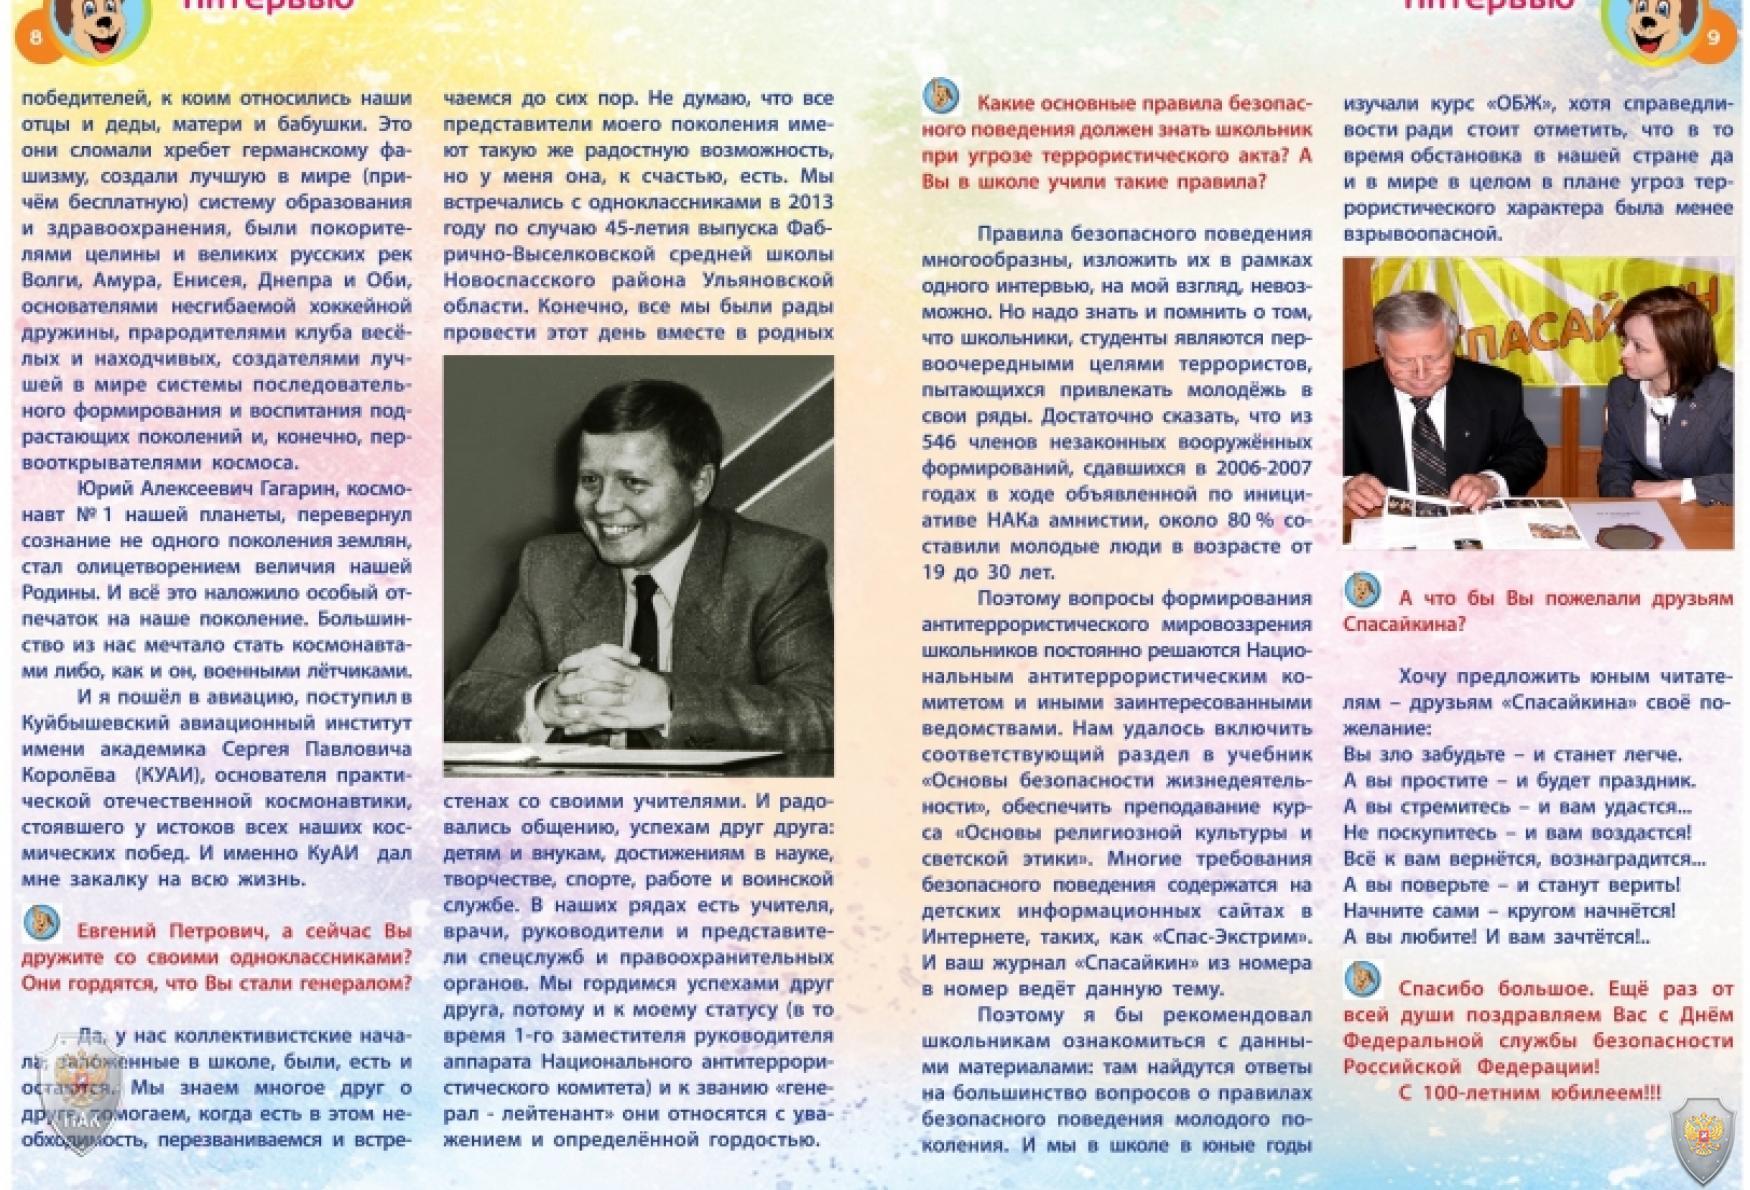 Интервью «Спасайкина» с Евгением Петровичем Ильиным, советником Председателя Национального антитеррористического комитета, генерал-лейтенантом